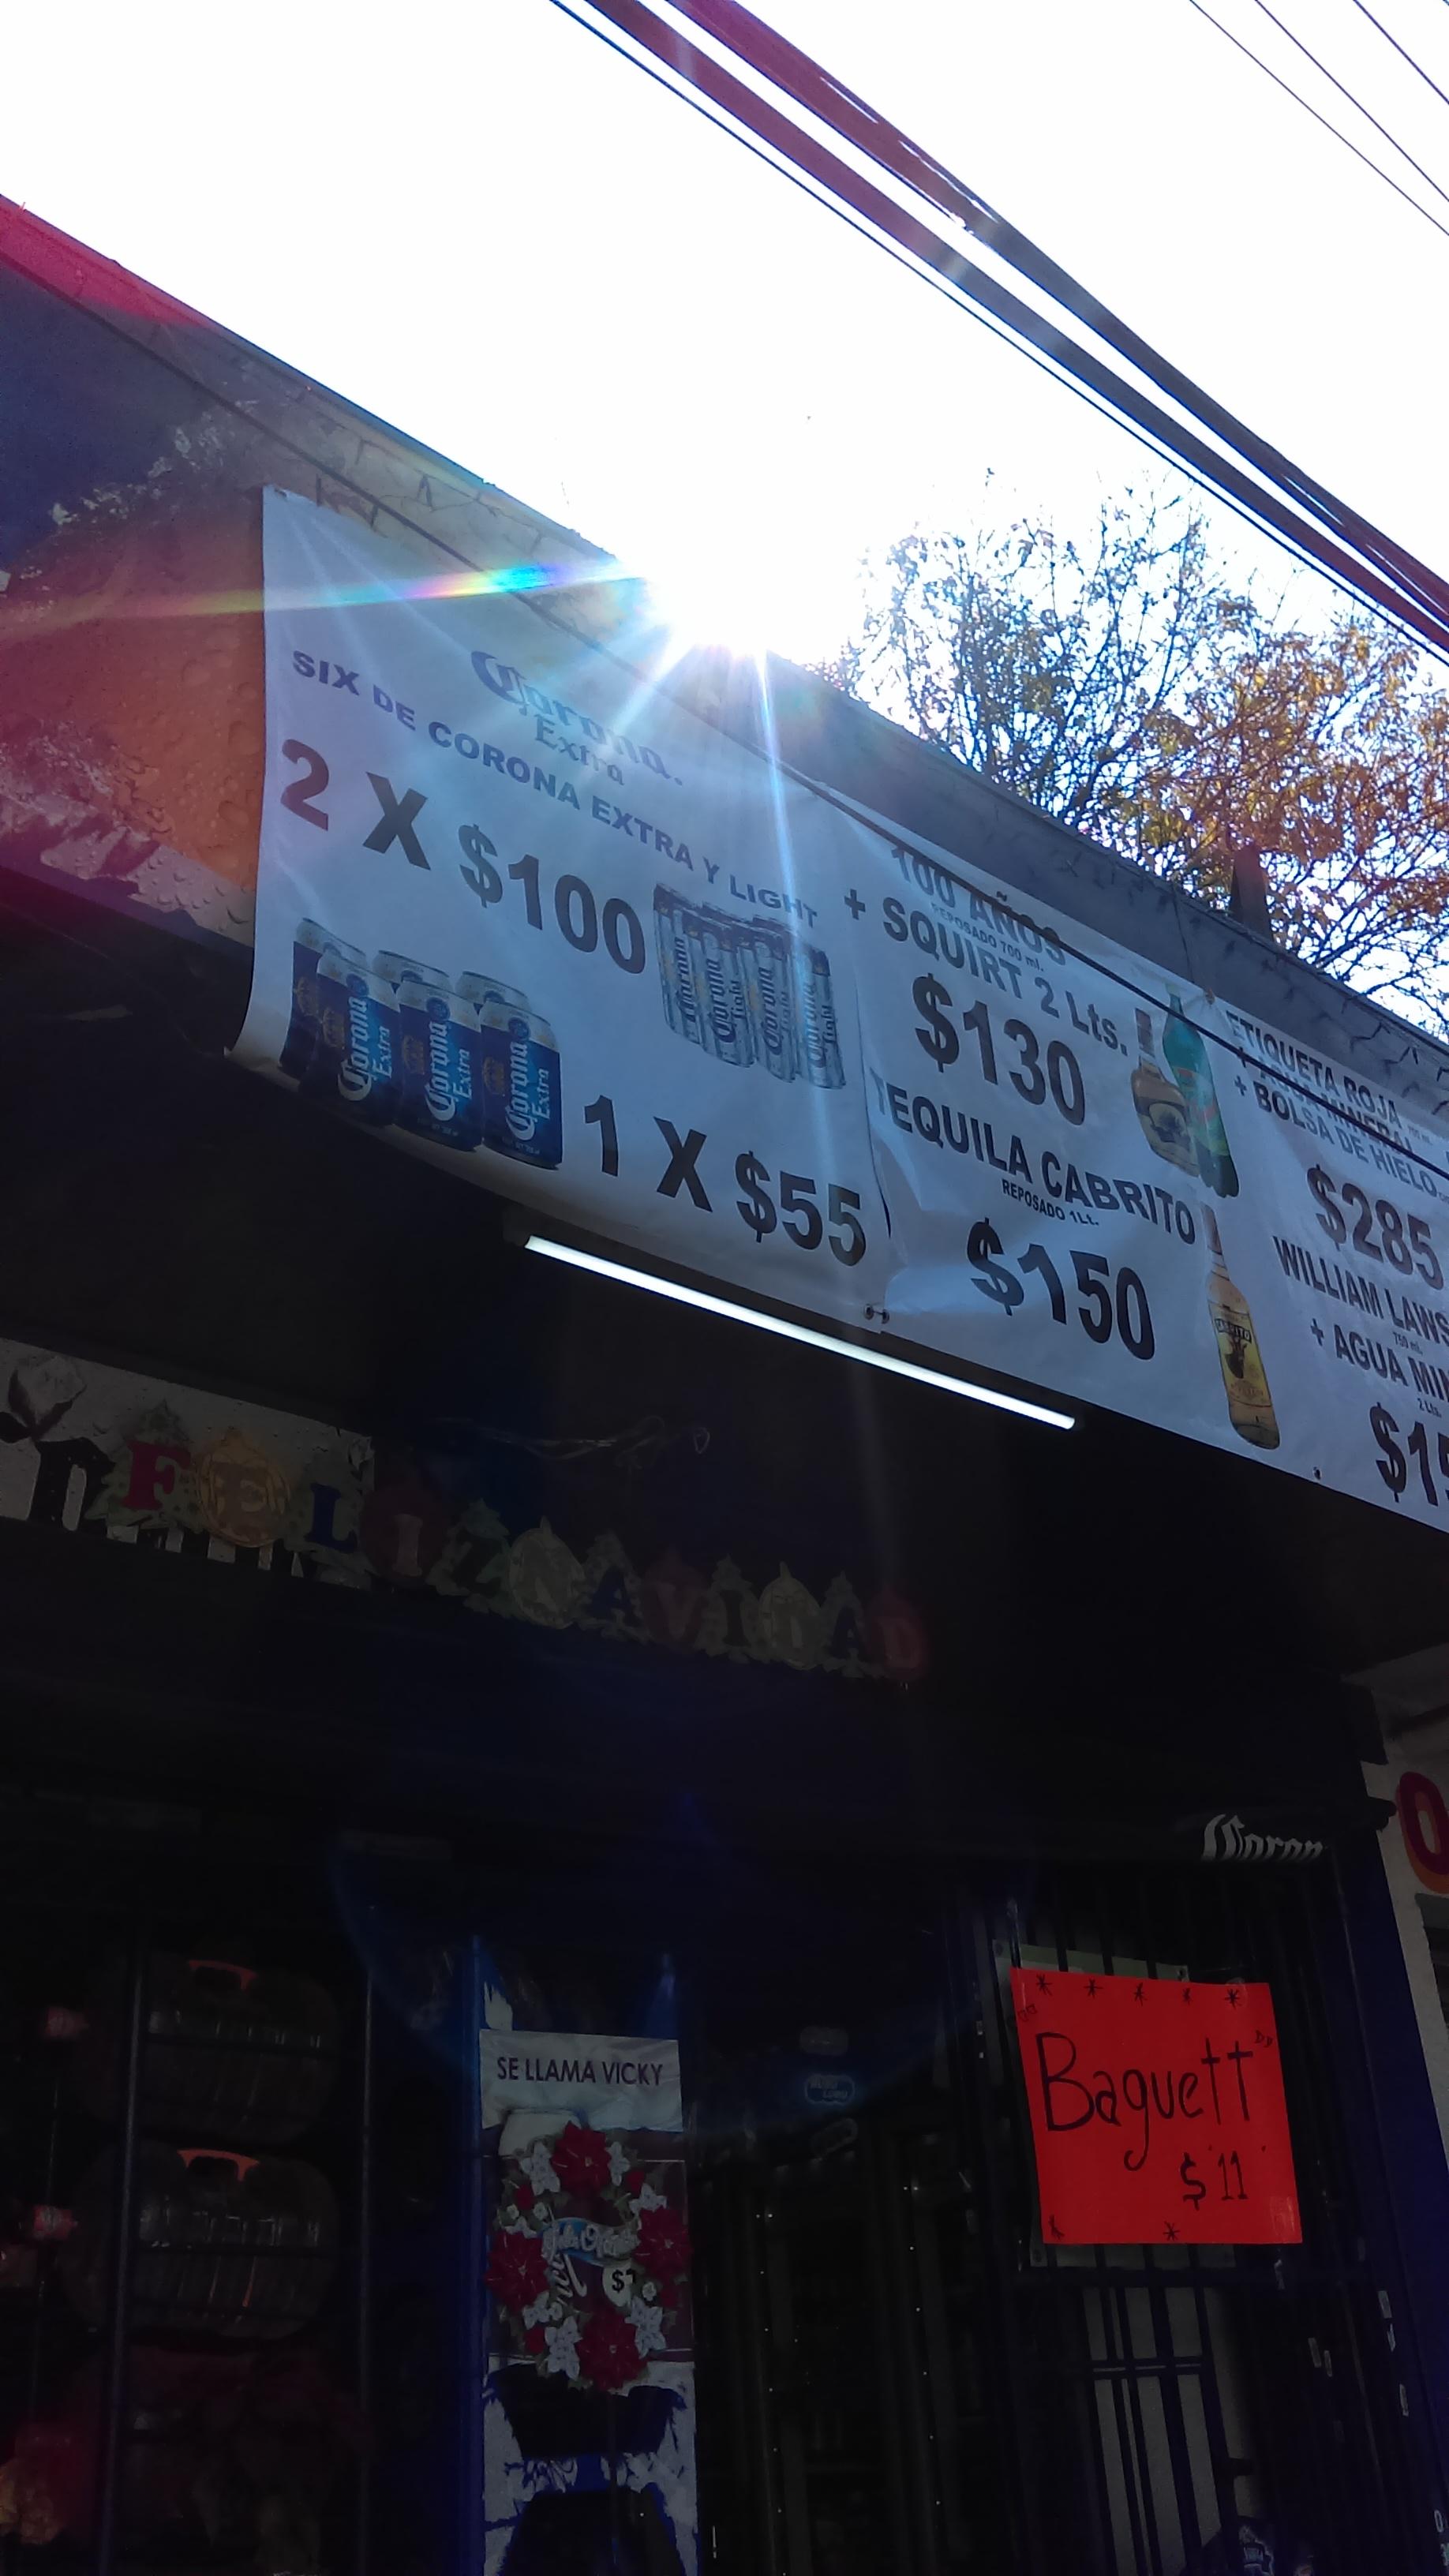 Expendios CORONA: 12 latas de Corona extra o light por $100 pesos